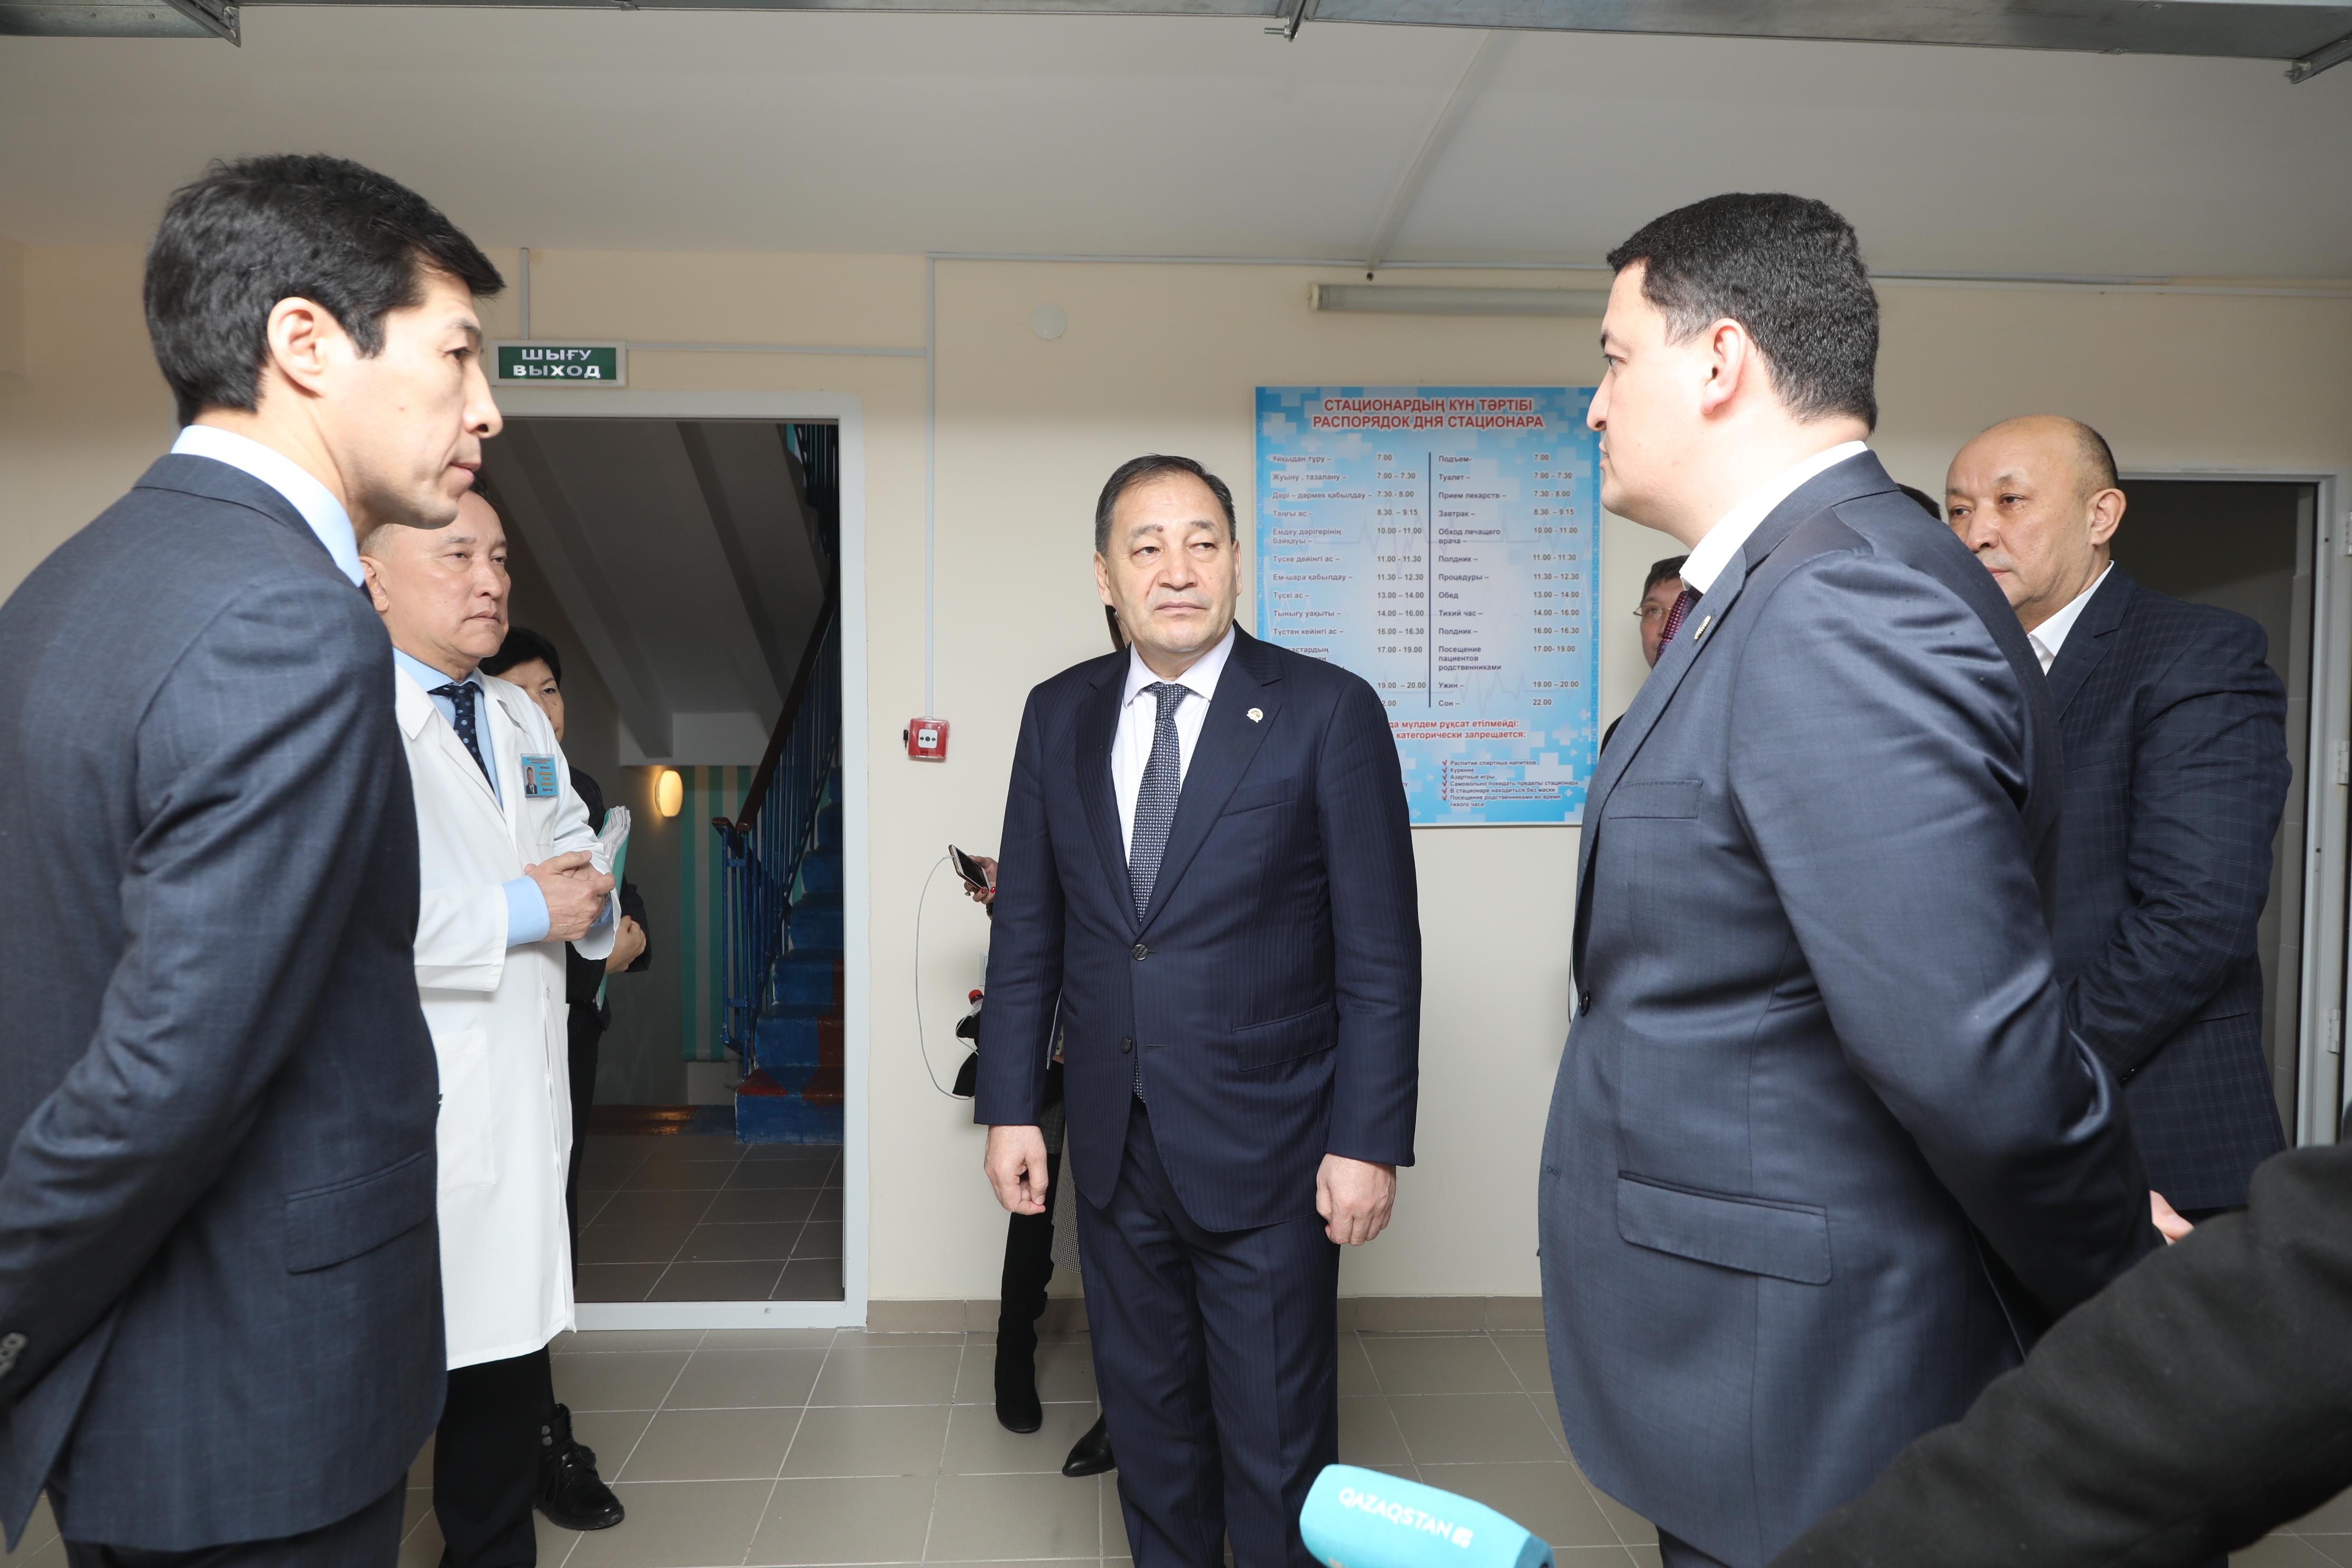 Қазақстанның батыс аймақтарында және Қызылорда облысында коронавирус тіркелген жоқ